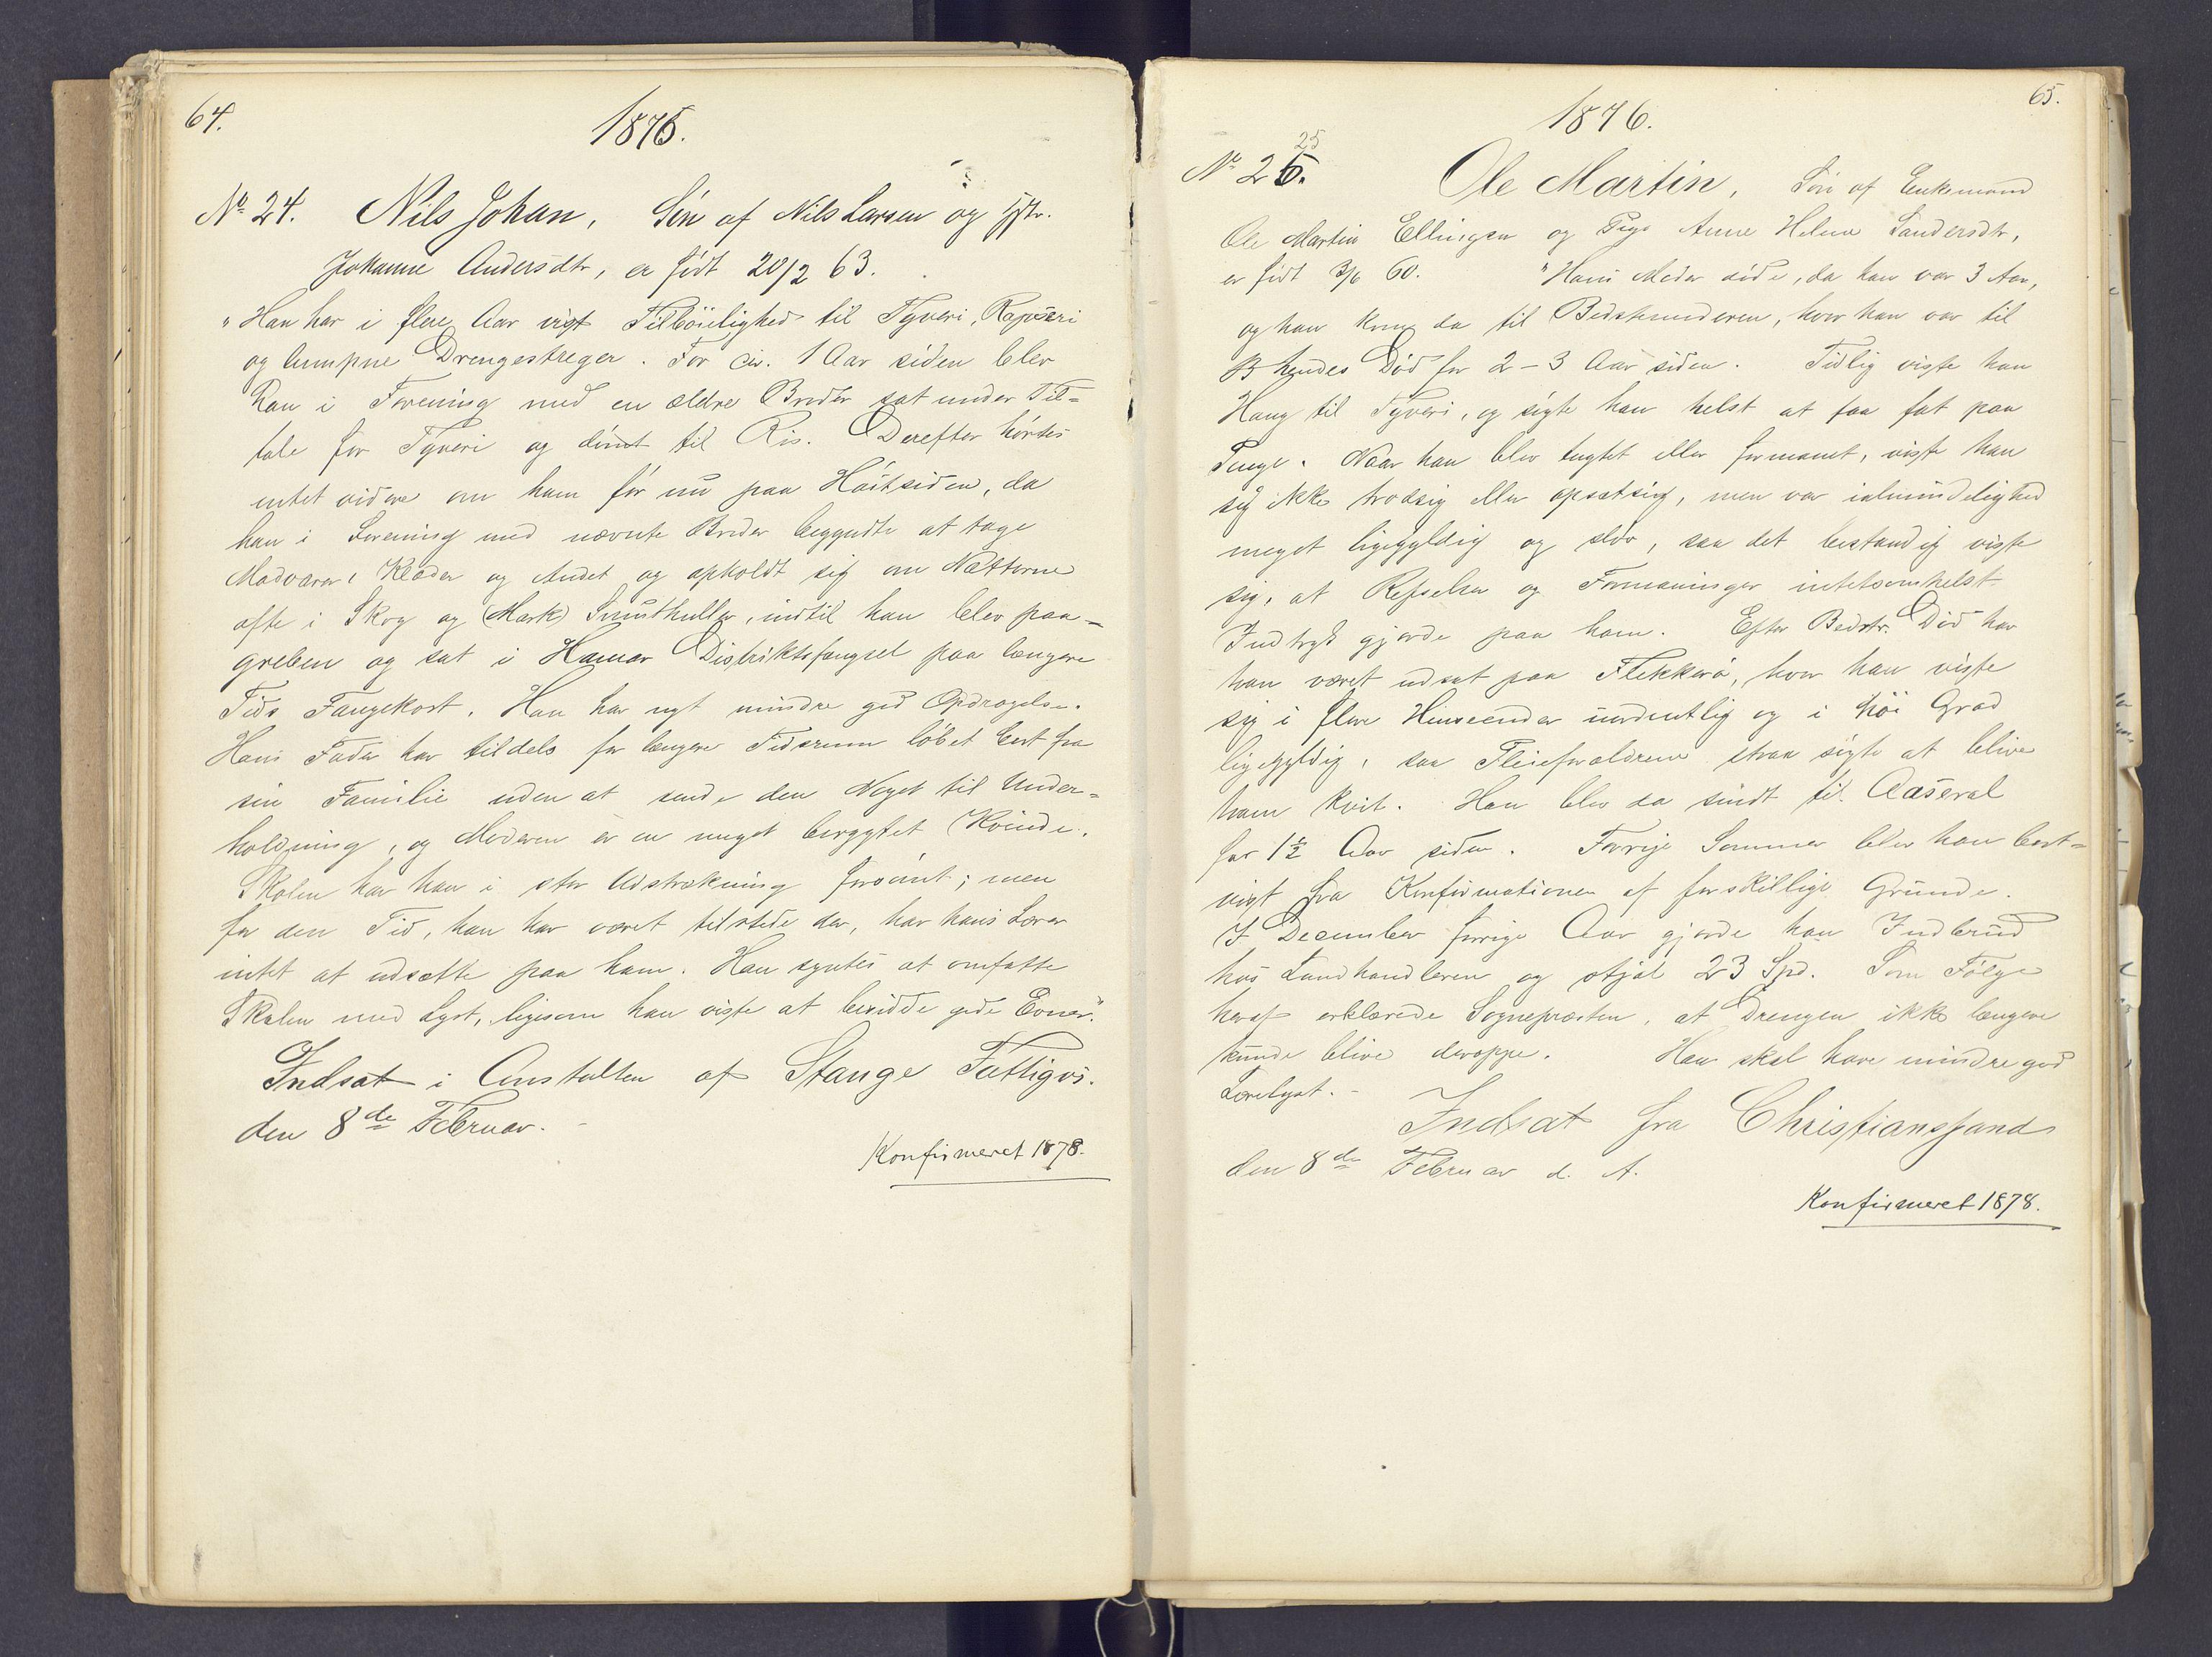 SAH, Toftes Gave, F/Fc/L0002: Elevprotokoll, 1870-1885, s. 64-65